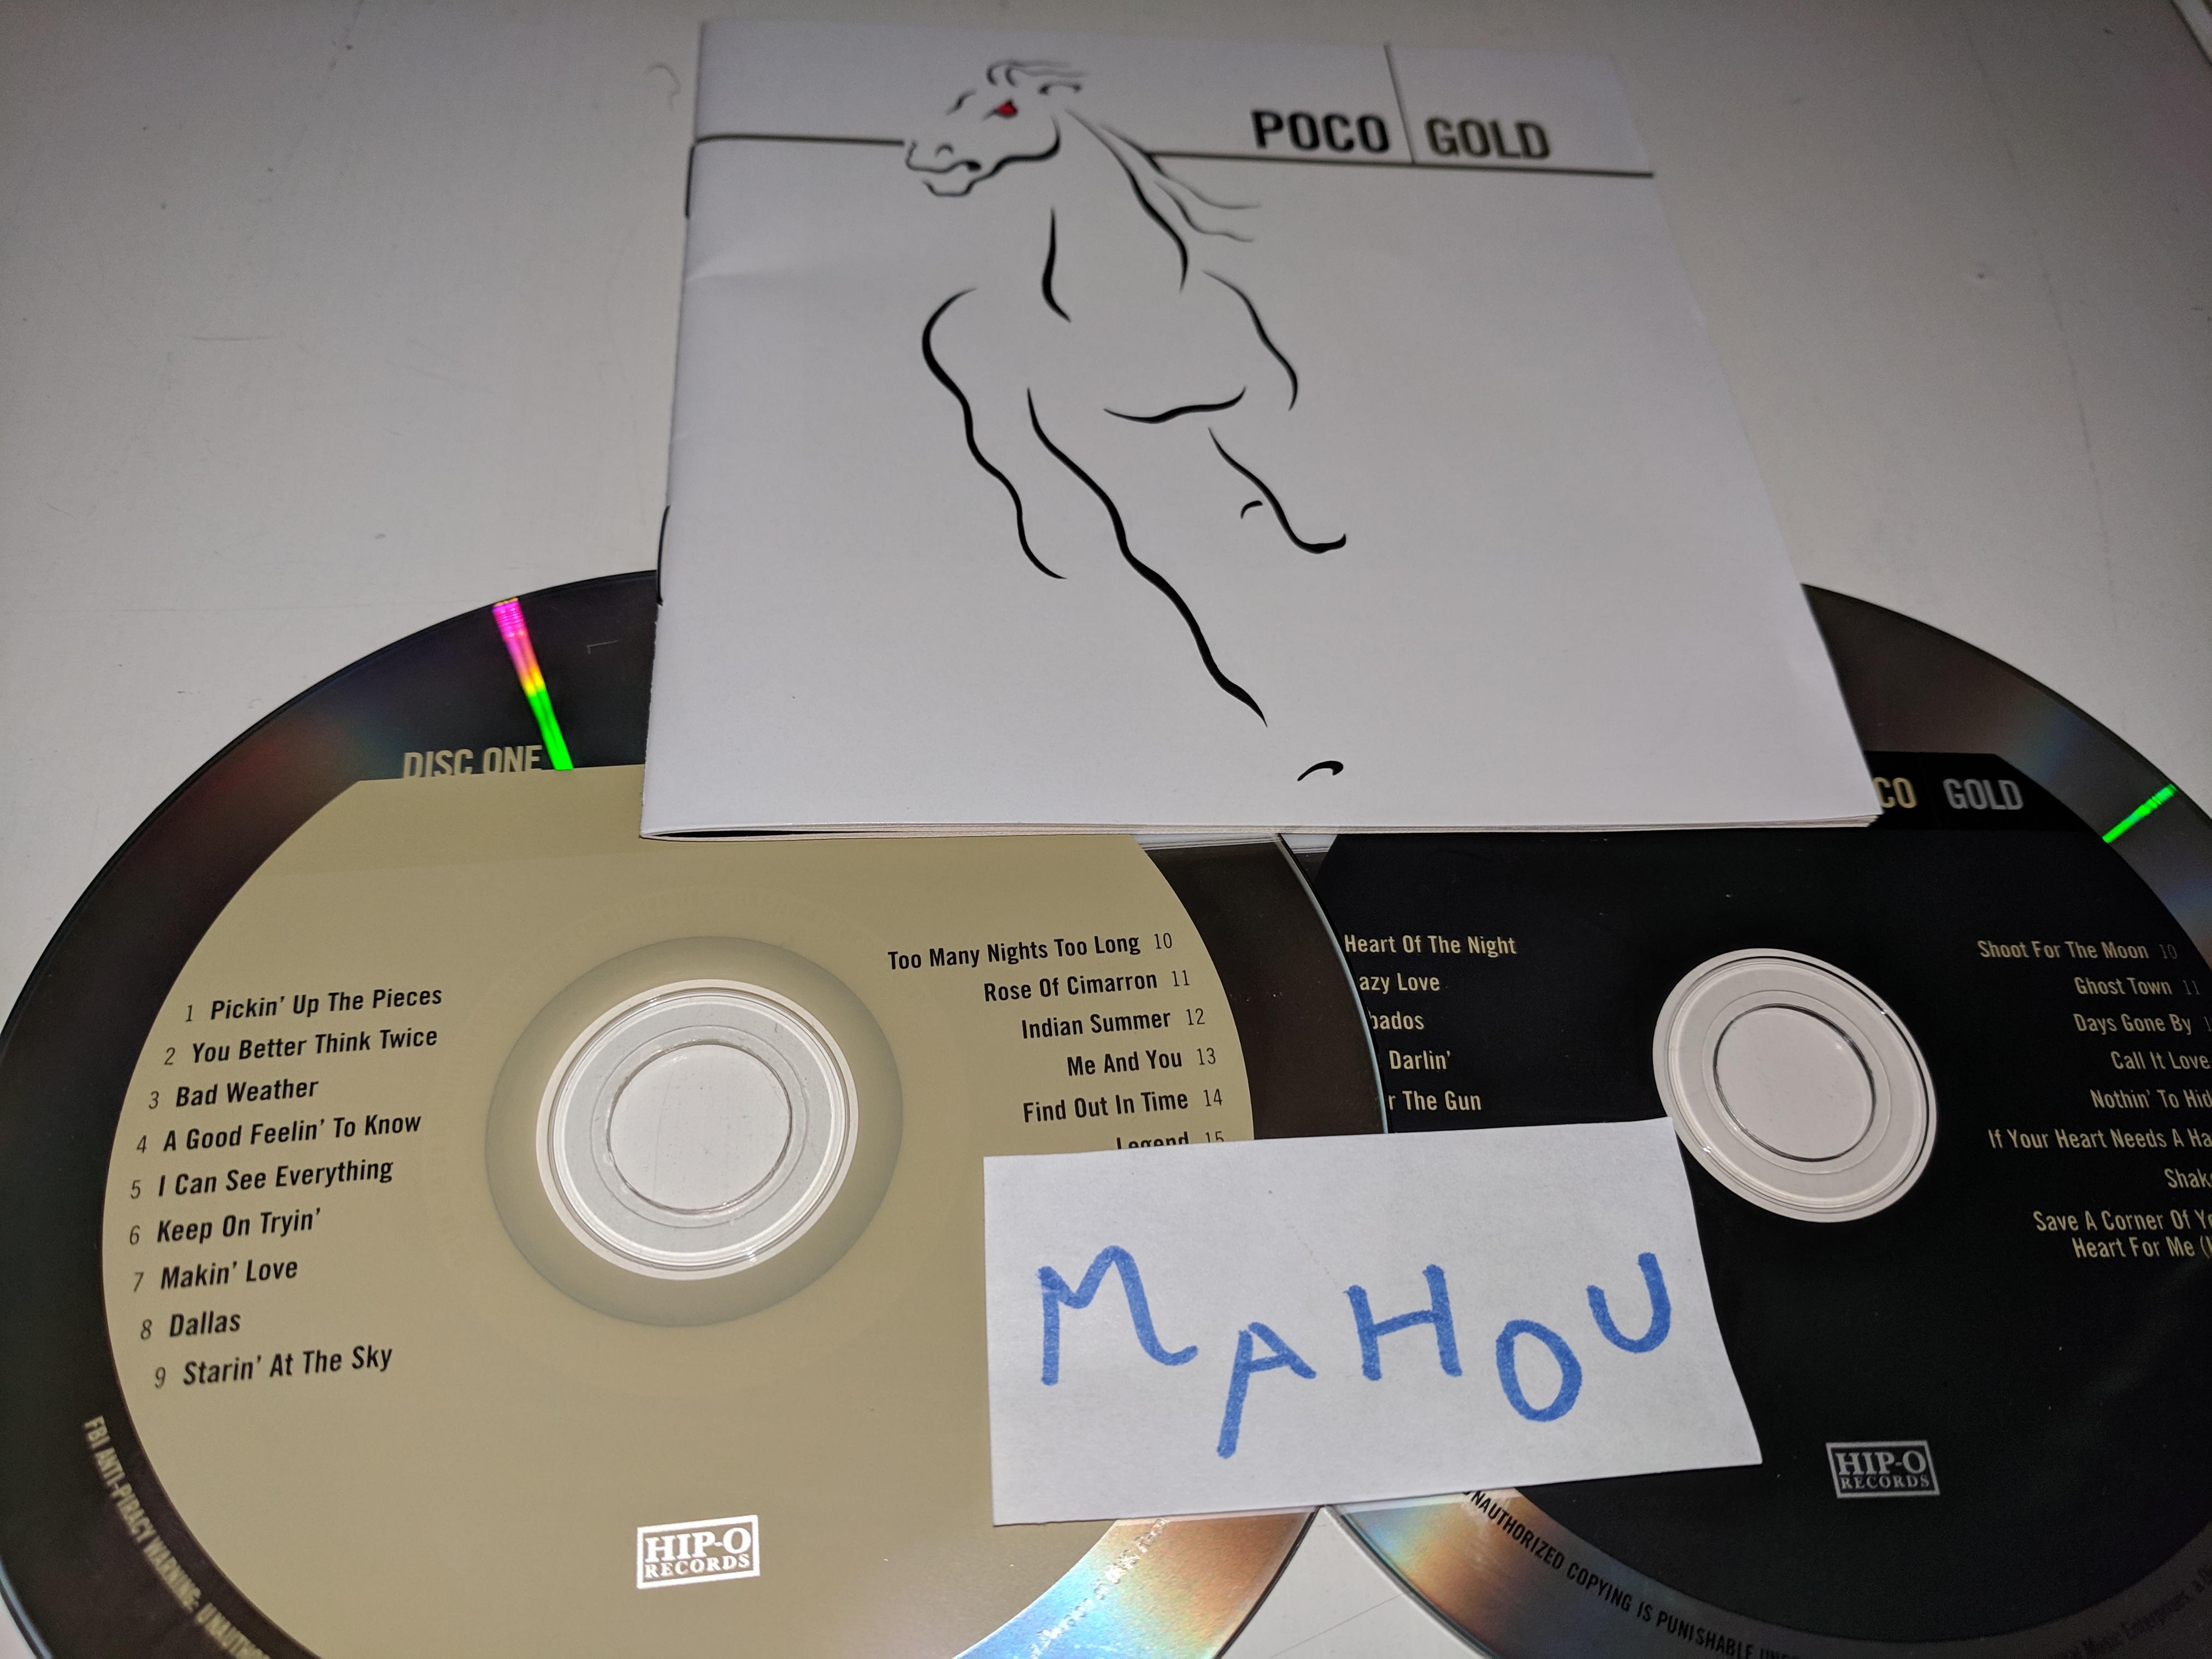 Poco-Gold-2CD-FLAC-2006-MAHOU